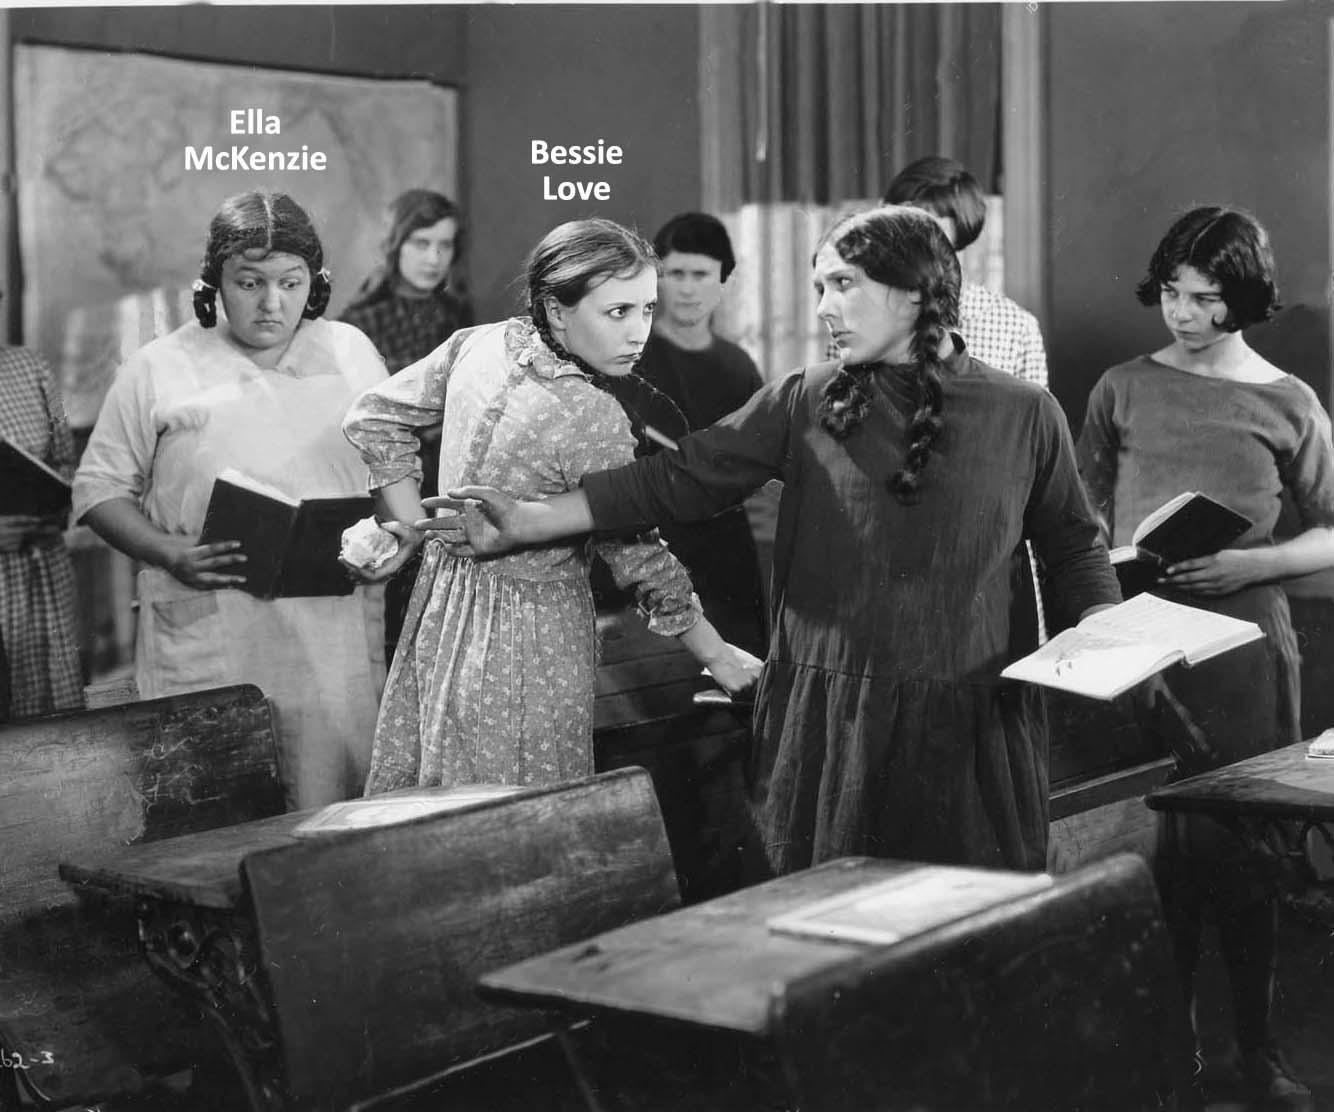 Bessie Love and Ella McKenzie in Lovey Mary (1926)